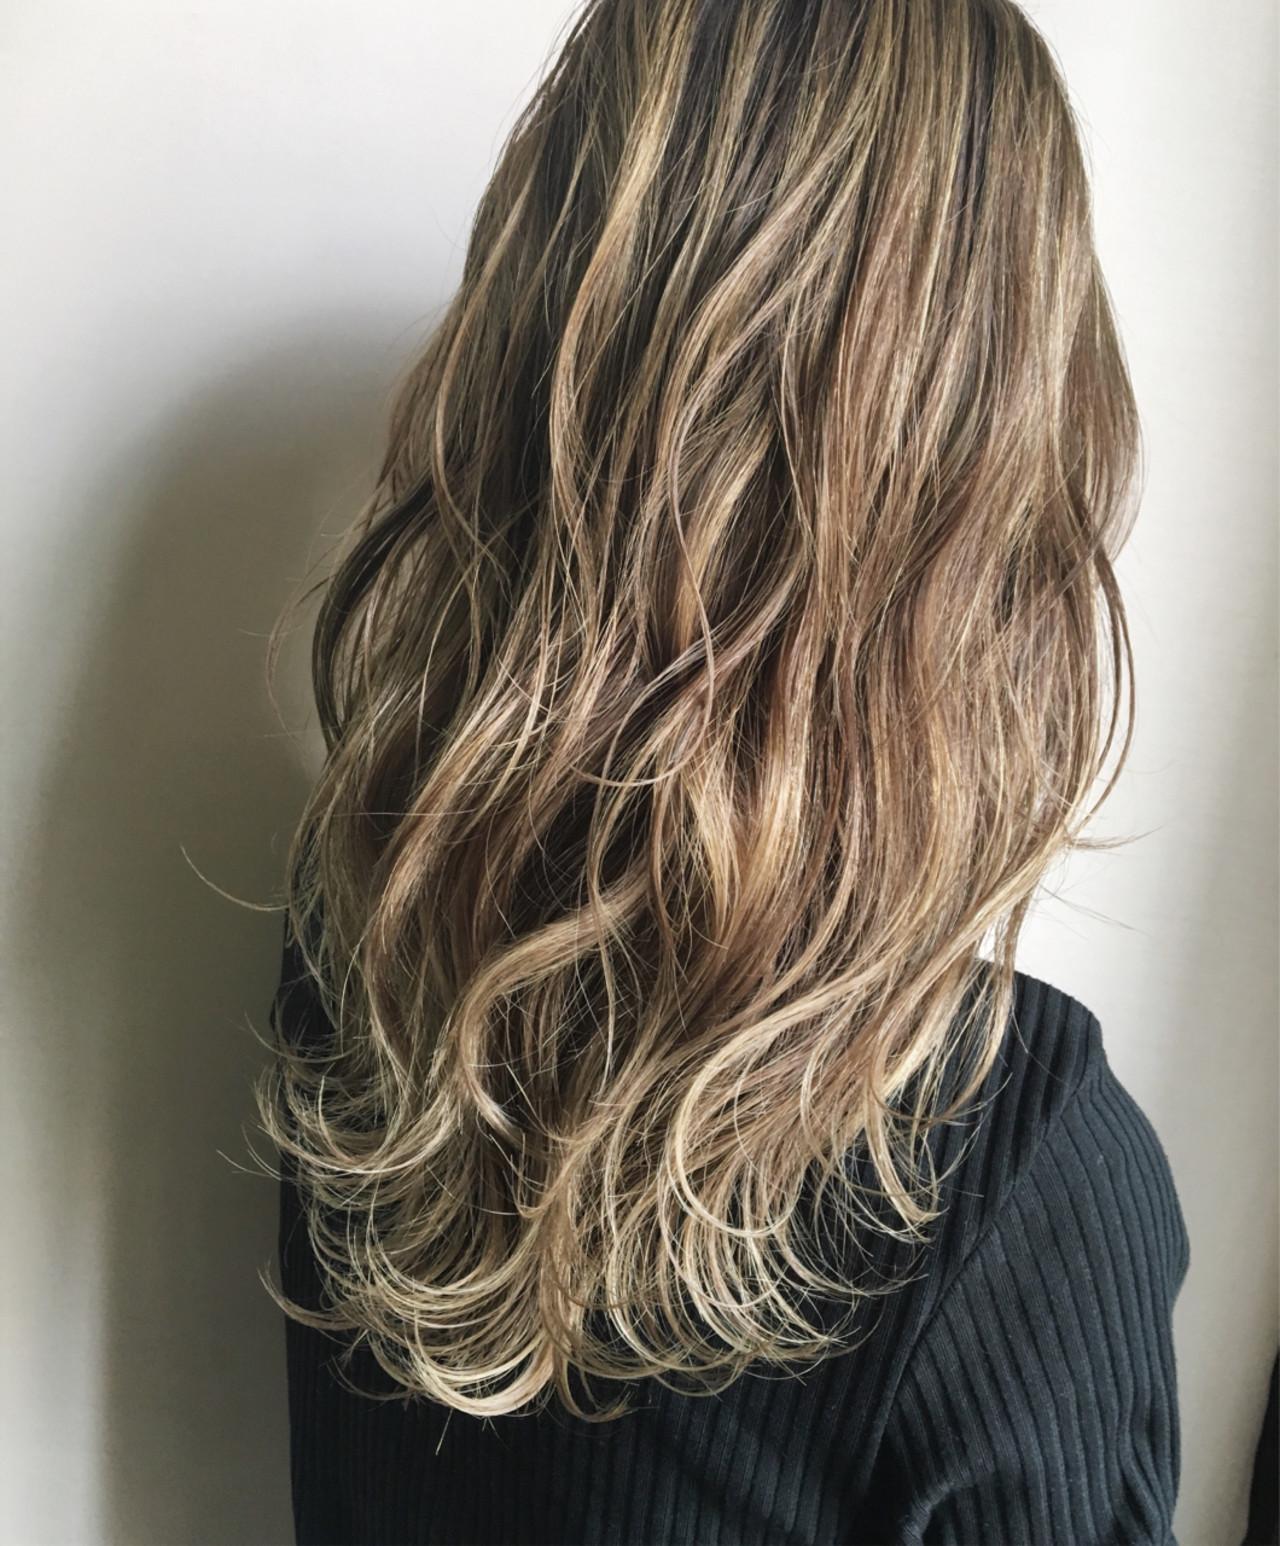 グラデーションカラー セミロング バレイヤージュ ナチュラル ヘアスタイルや髪型の写真・画像 | 田渕 英和/vicushair / vicushair